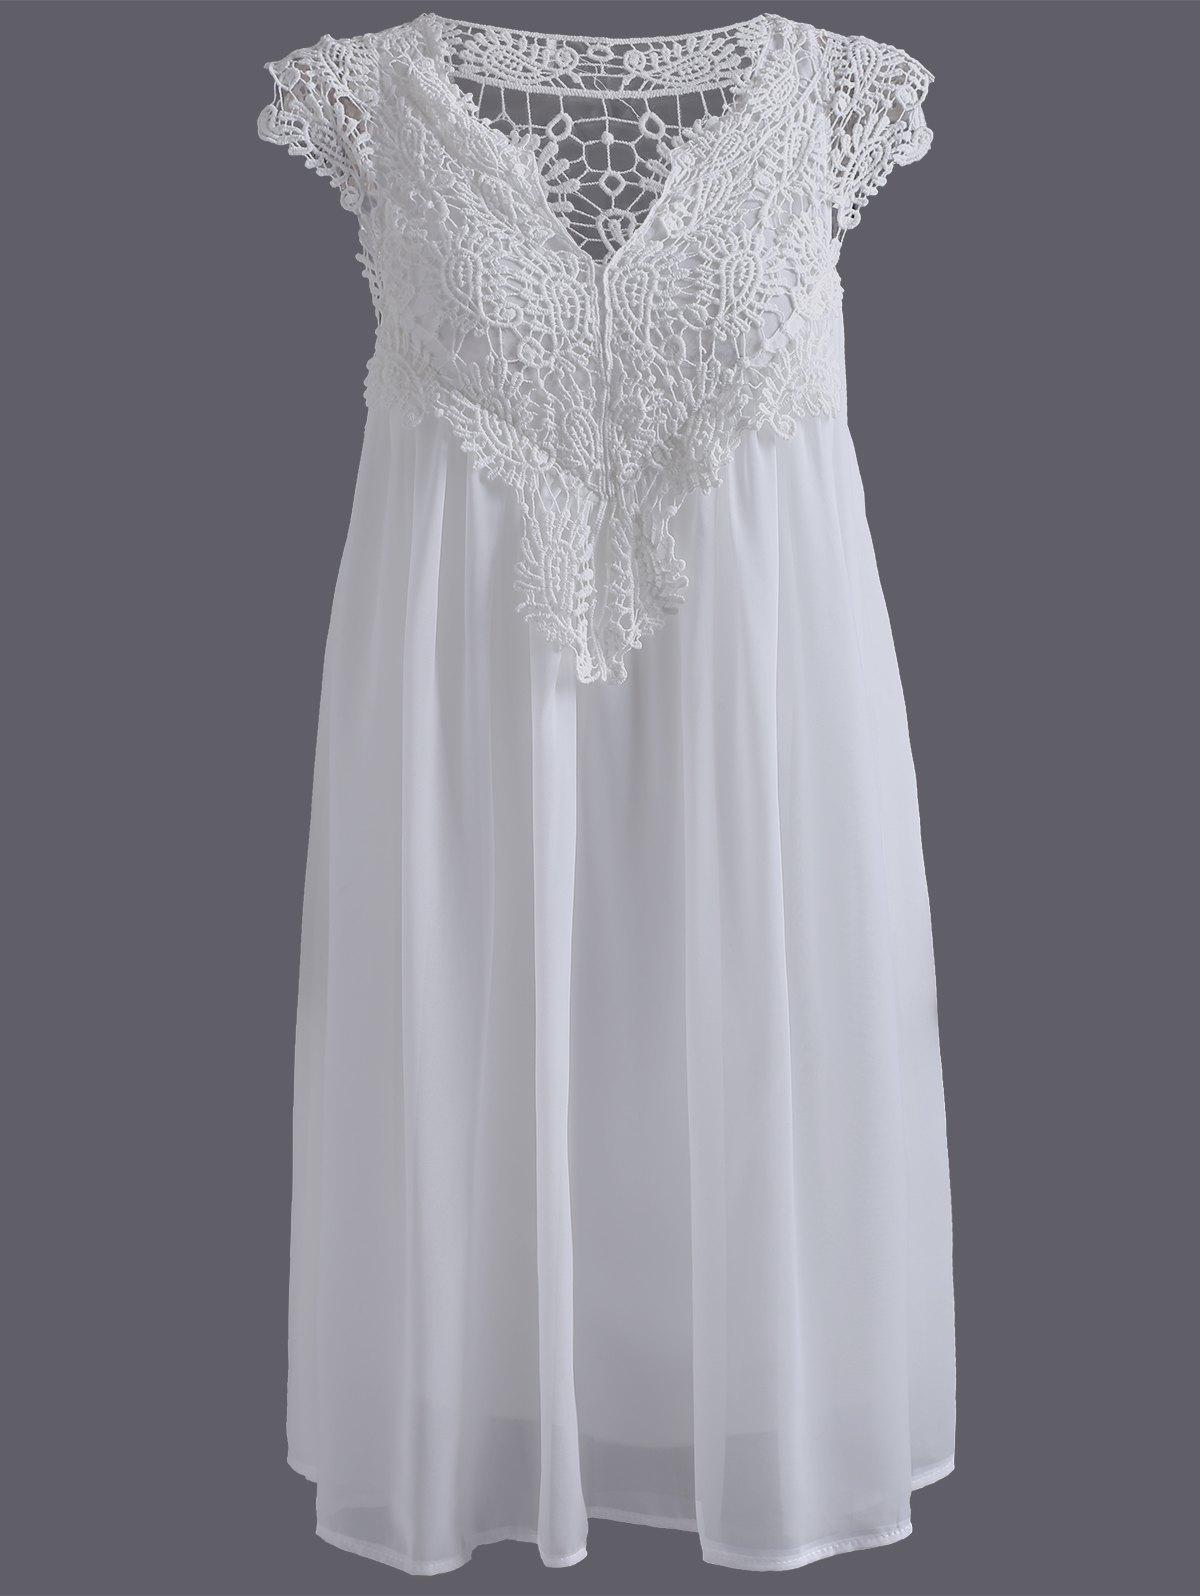 Lace panel chiffon dresses